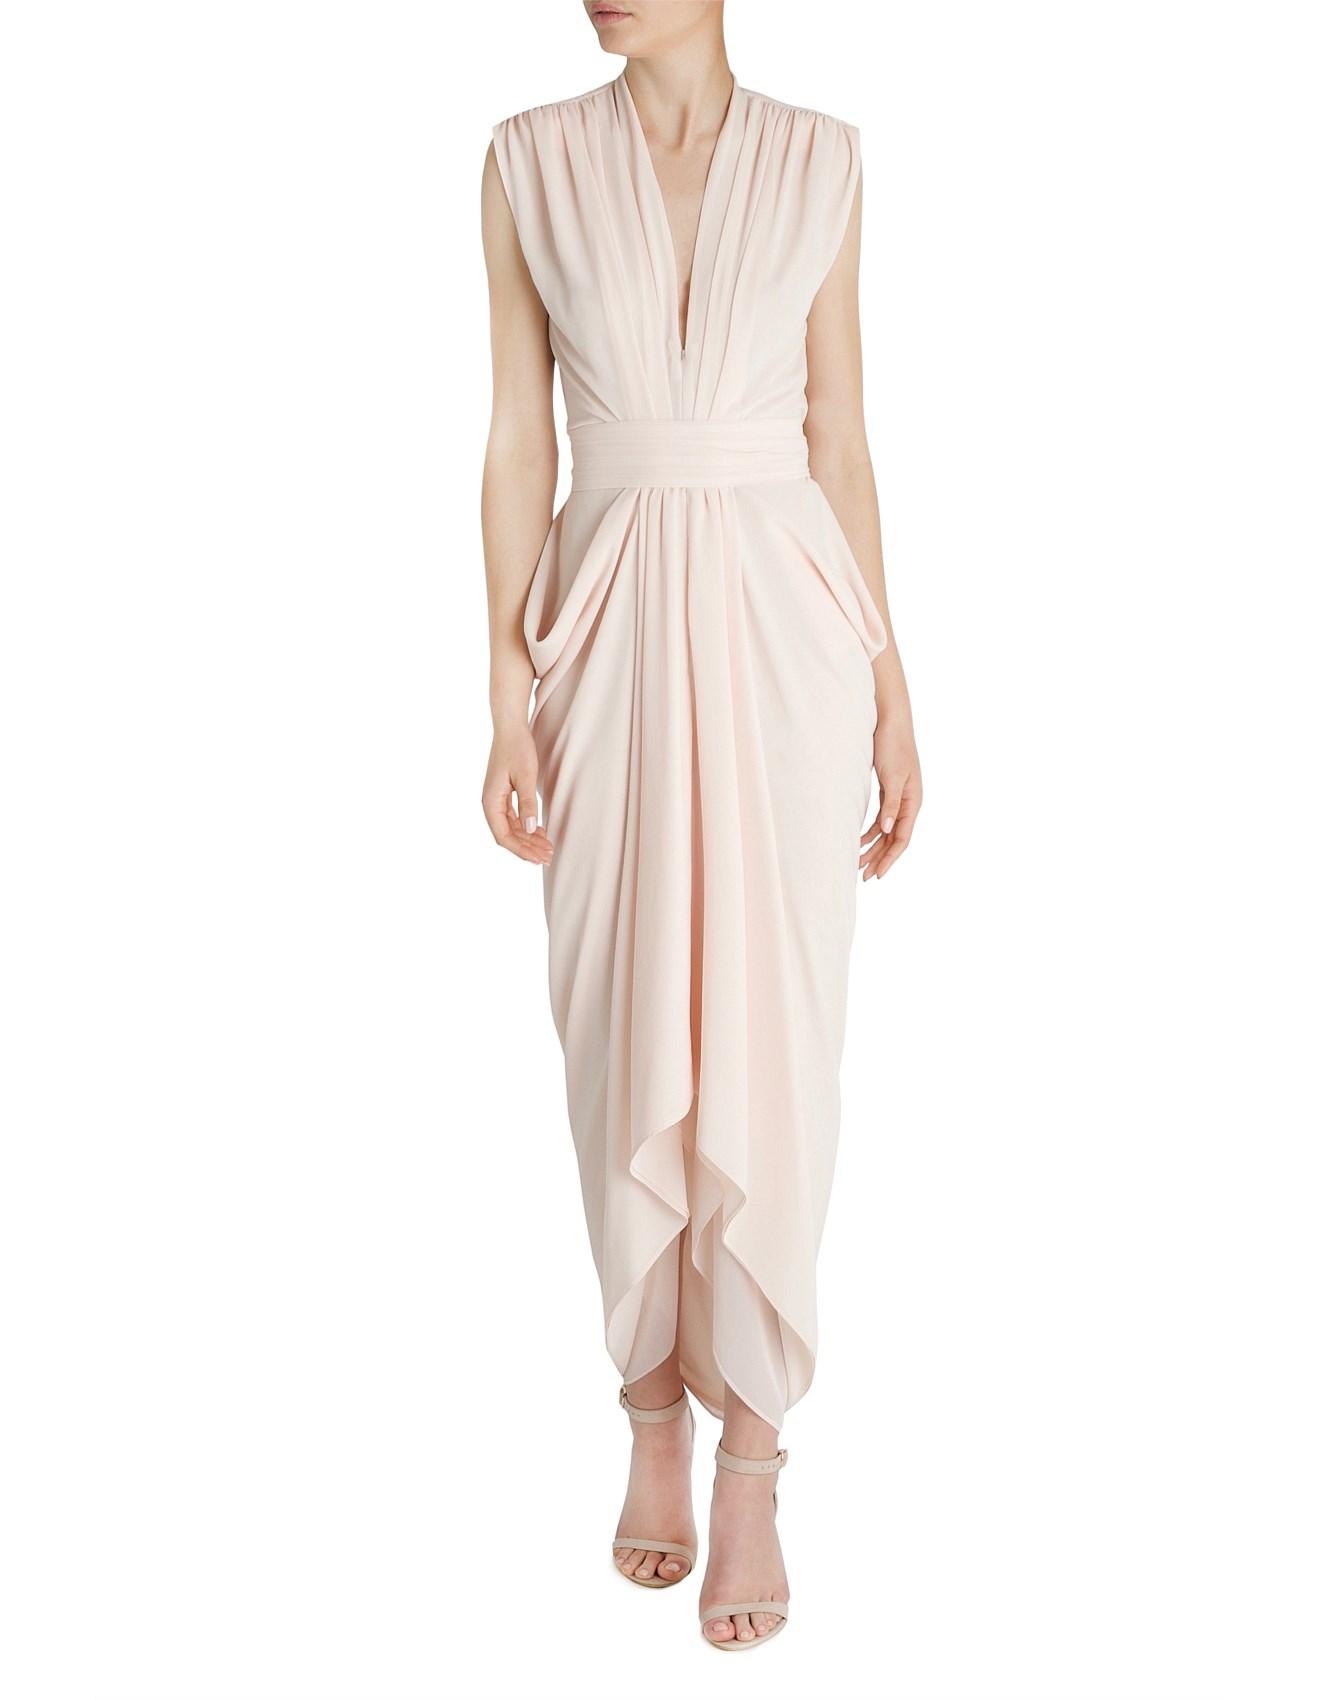 Shop The Runway Women - DIAPHANOUS WATERFALL DRESS